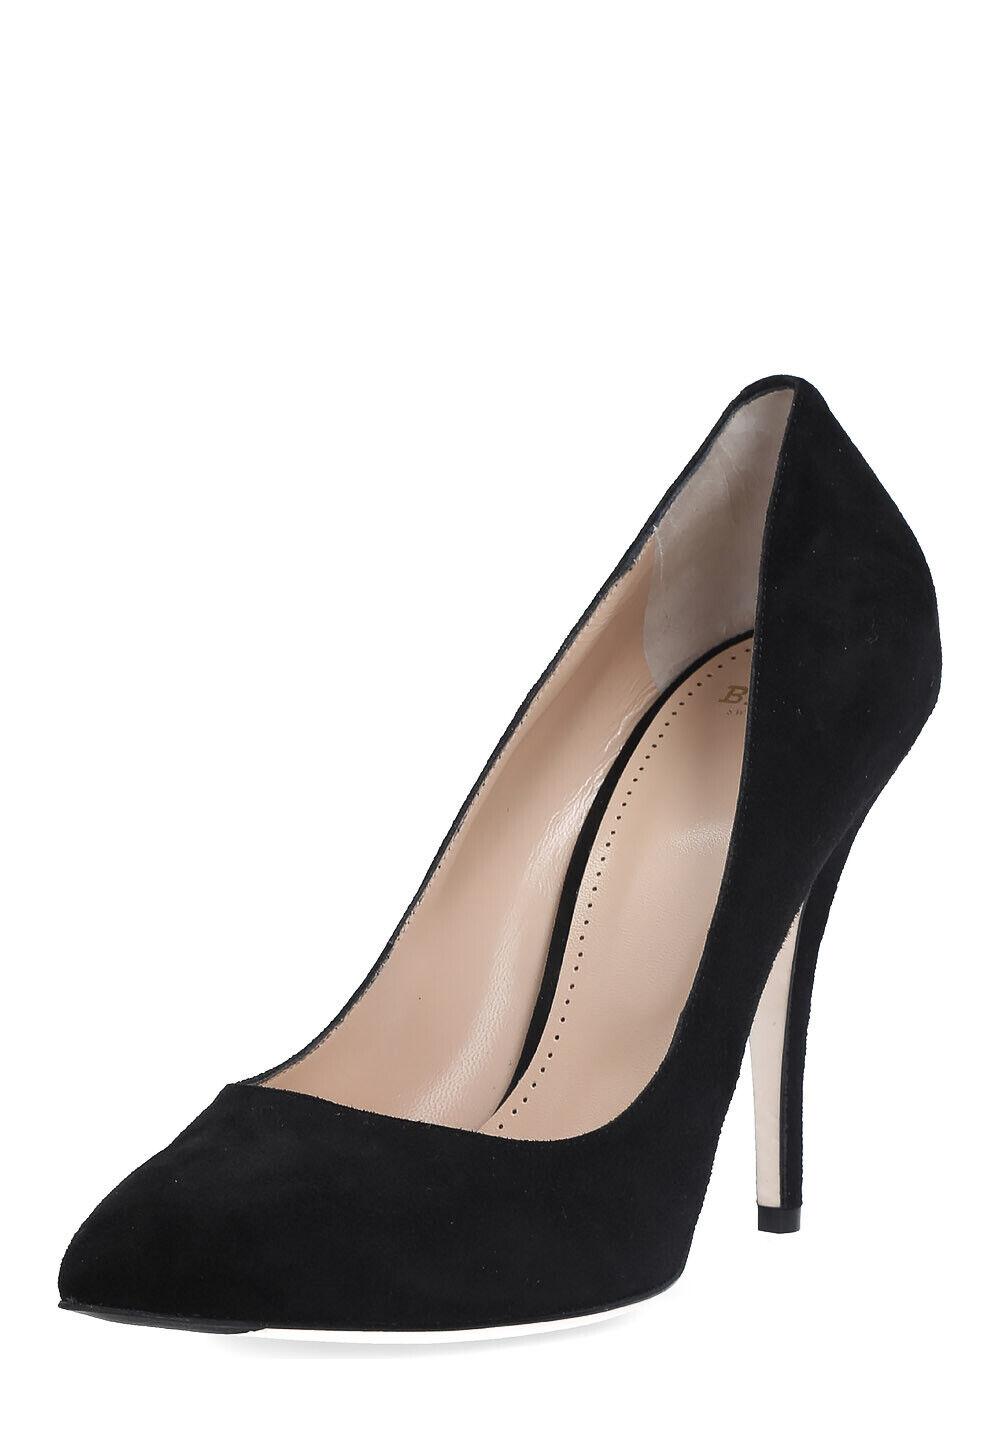 BALLY Damen Pumps High Heels Schuhe echt Leder Größe 41 schmal